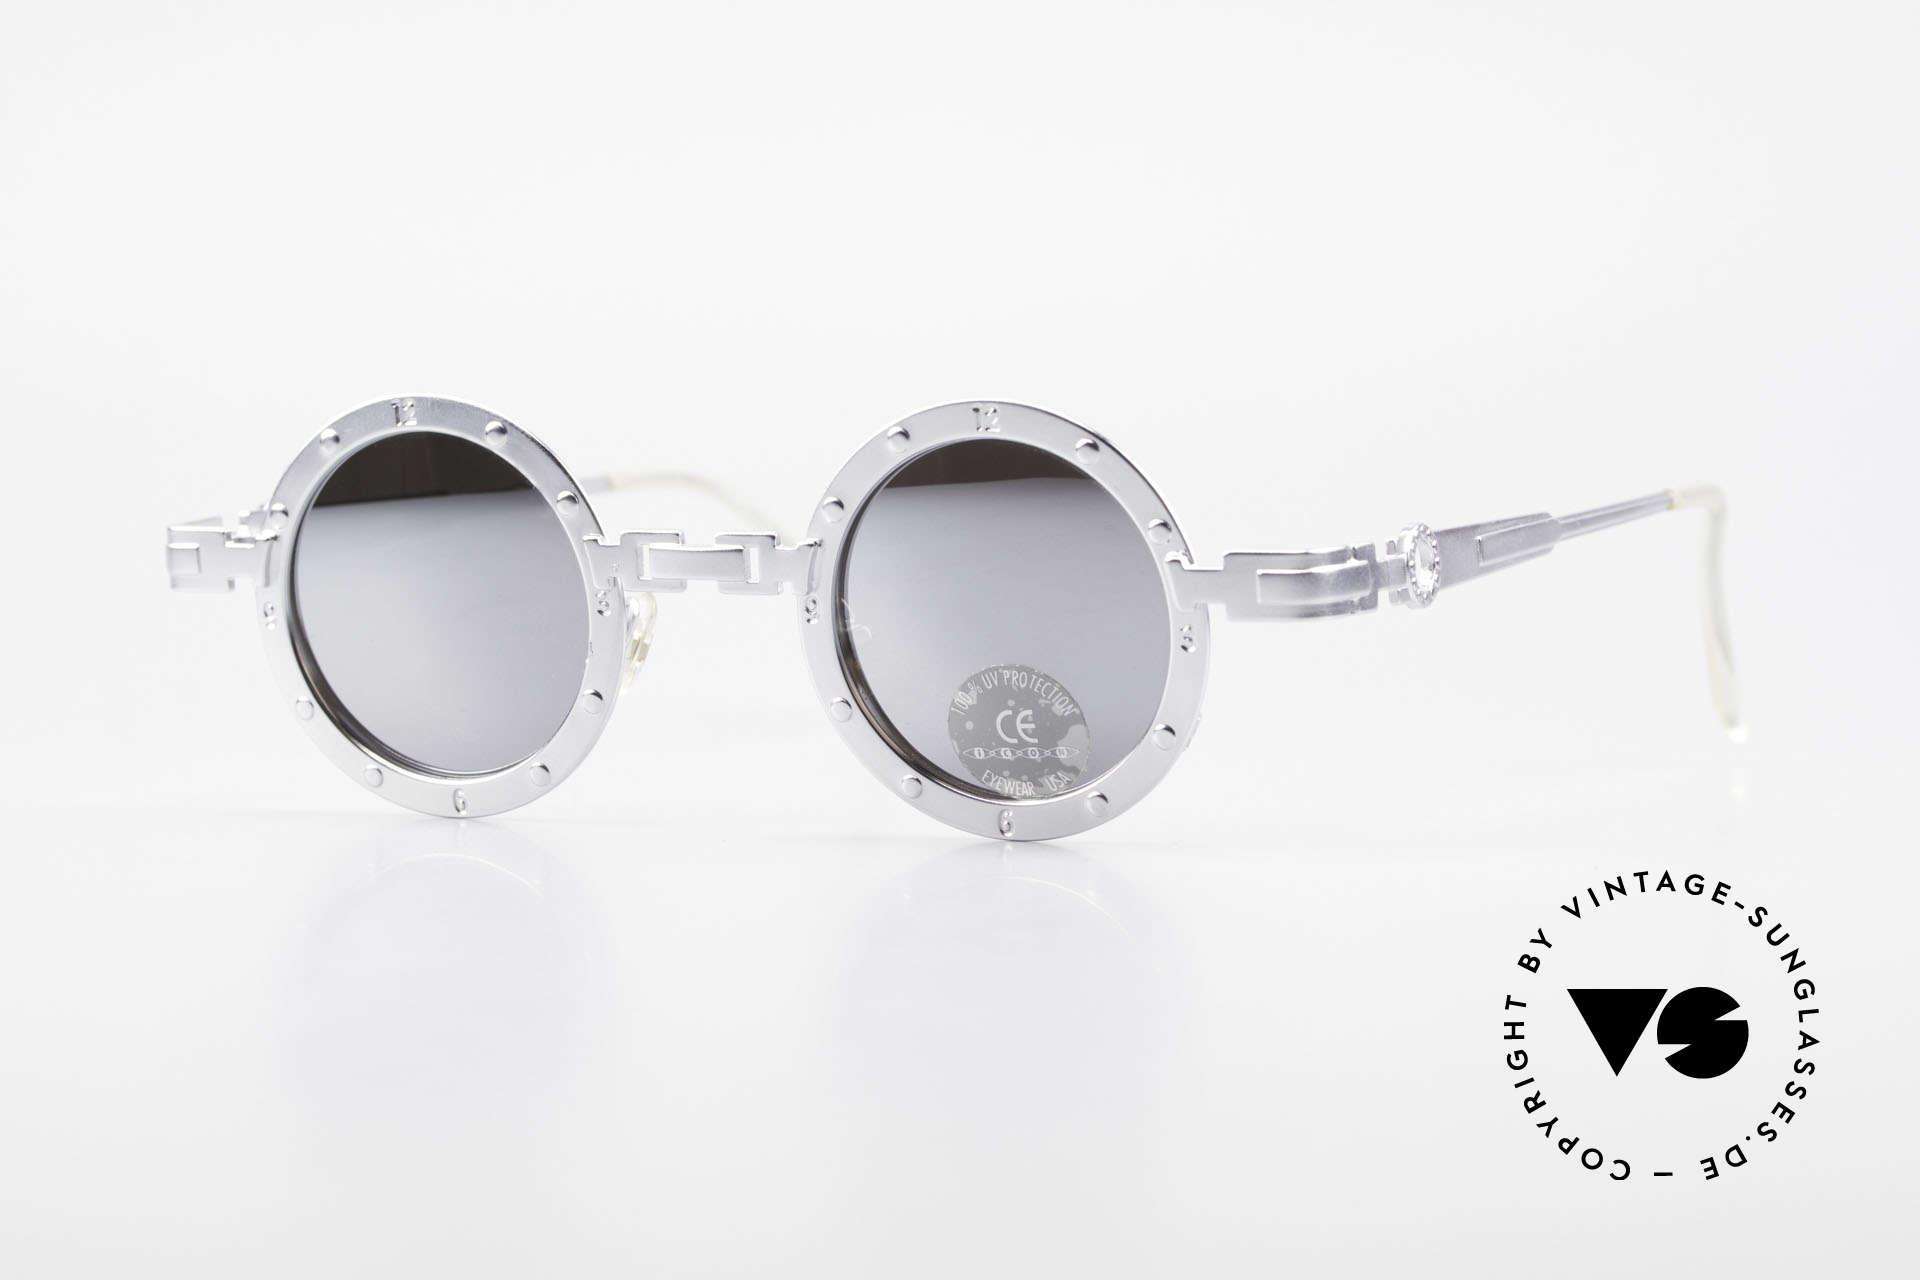 Koure Icon 2266 Verspiegelte Steampunk Brille, vintage KOURE Sonnenbrille von 1994, Steampunk Stil, Passend für Herren und Damen